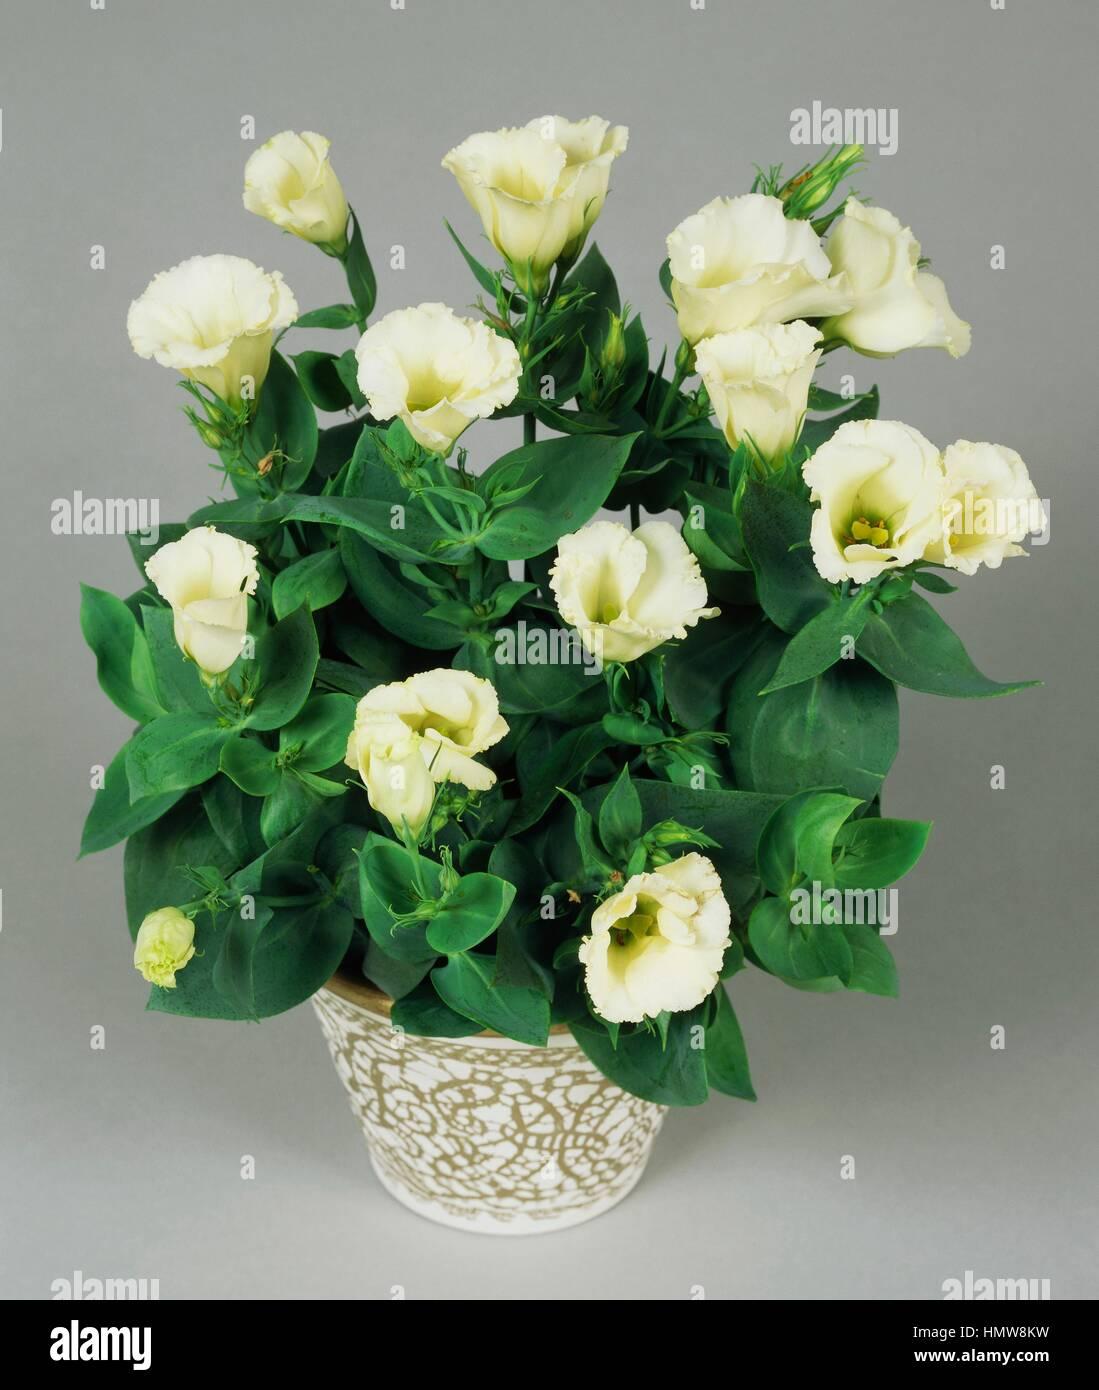 Lisianthus or Showy prairie gentian (Eustoma grandiflorum or Eustoma exaltatum russellianum), Gentianaceae. - Stock Image